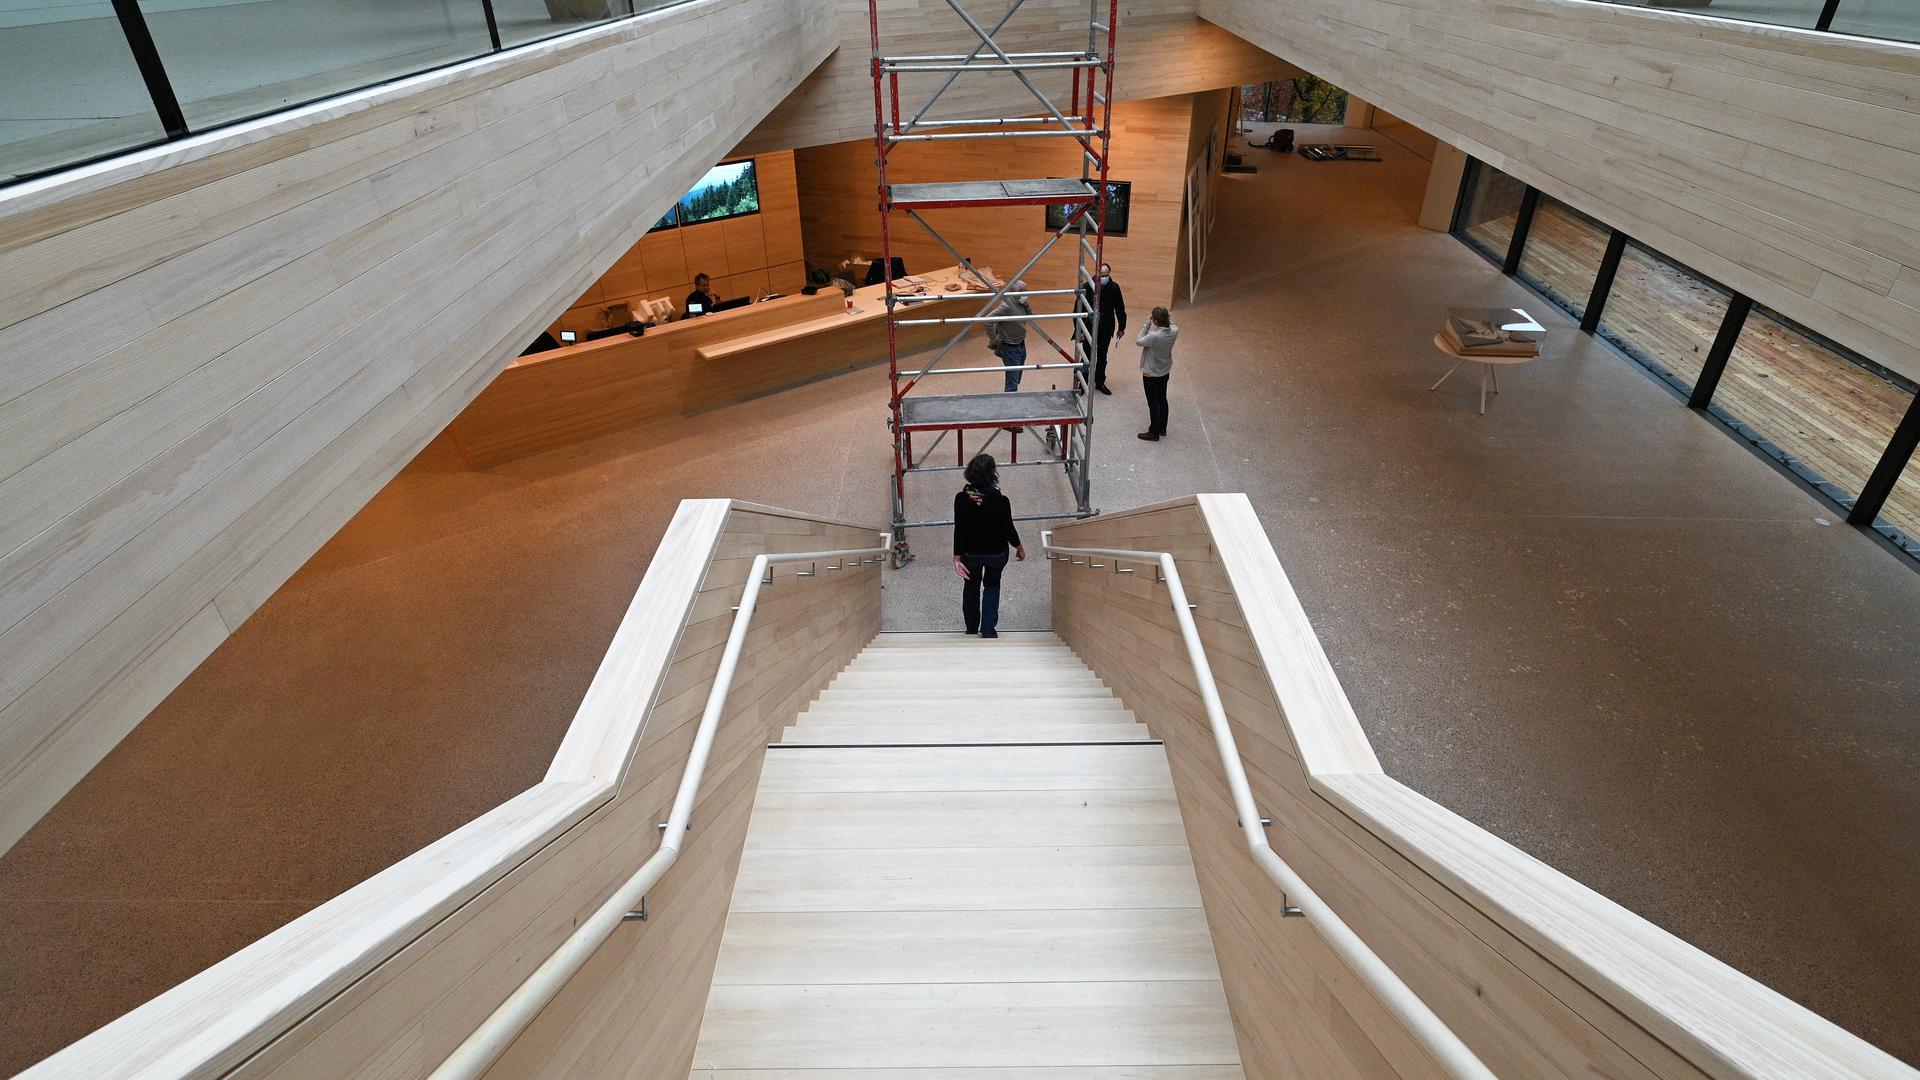 Die Holztreppe mit Oberlicht steht im Zentrum des Foyers.